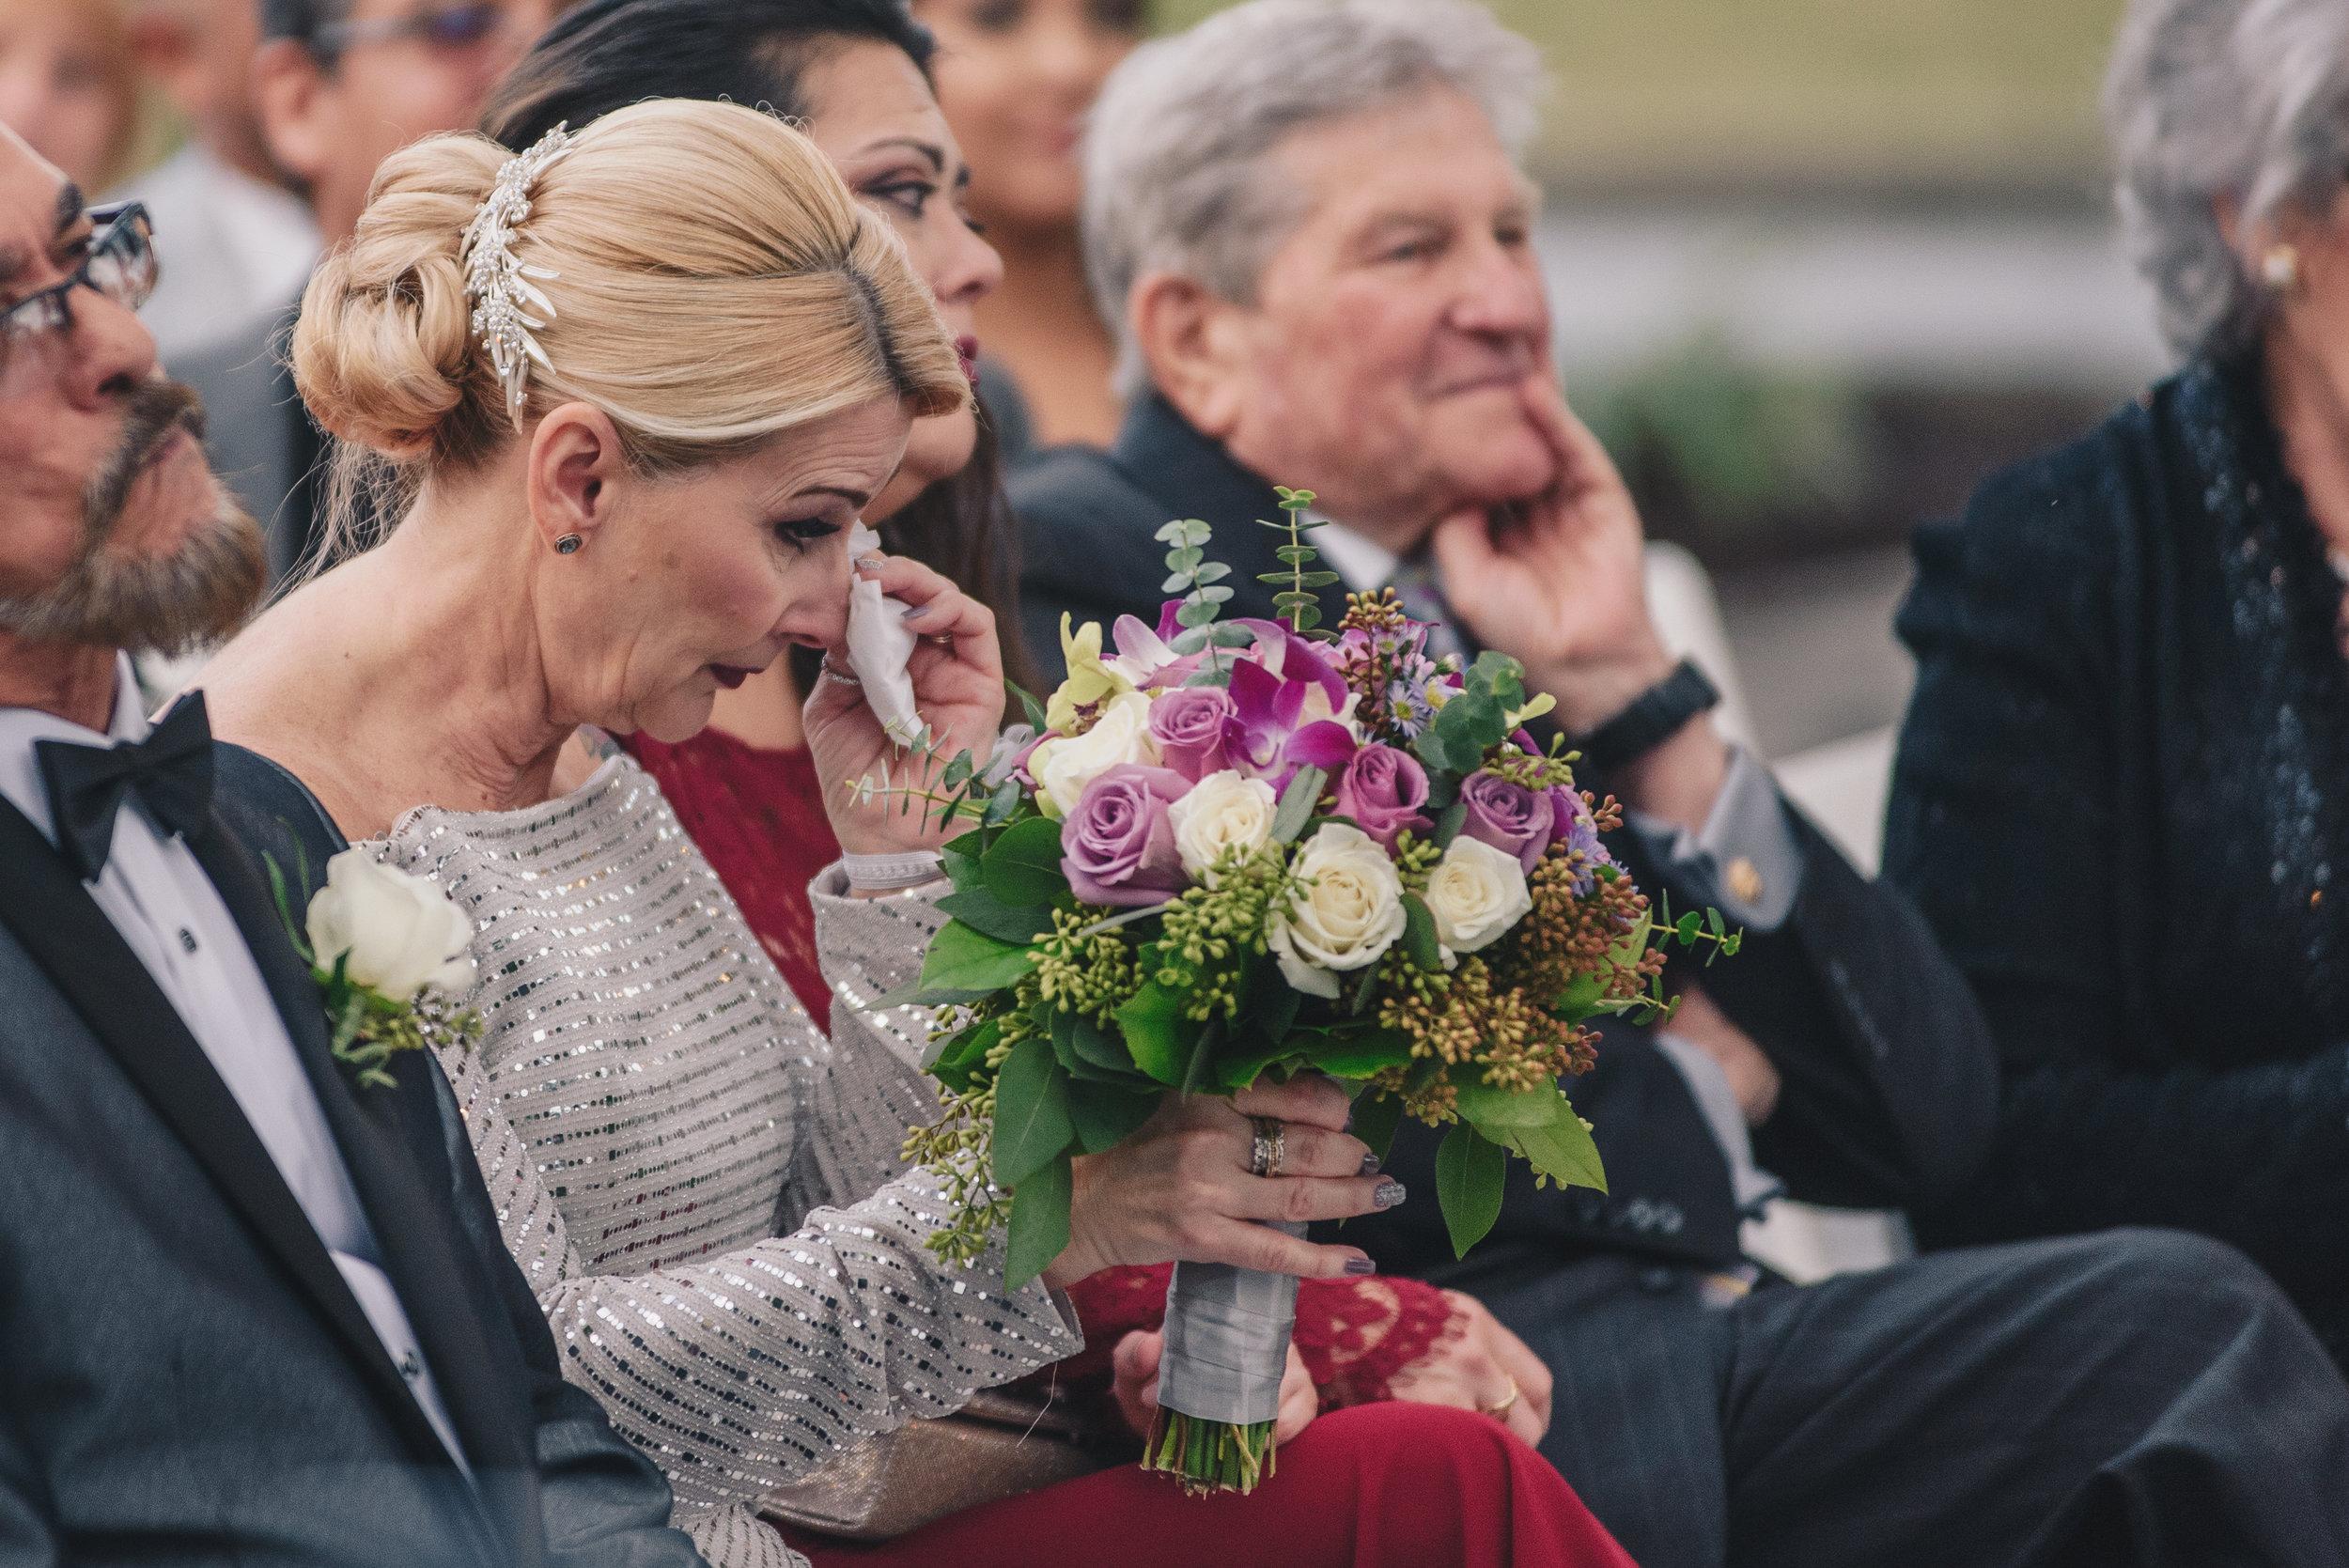 Los-Vargas-Photo-Wedding-Historic-Dubsdread-Ballroom-8368.jpg